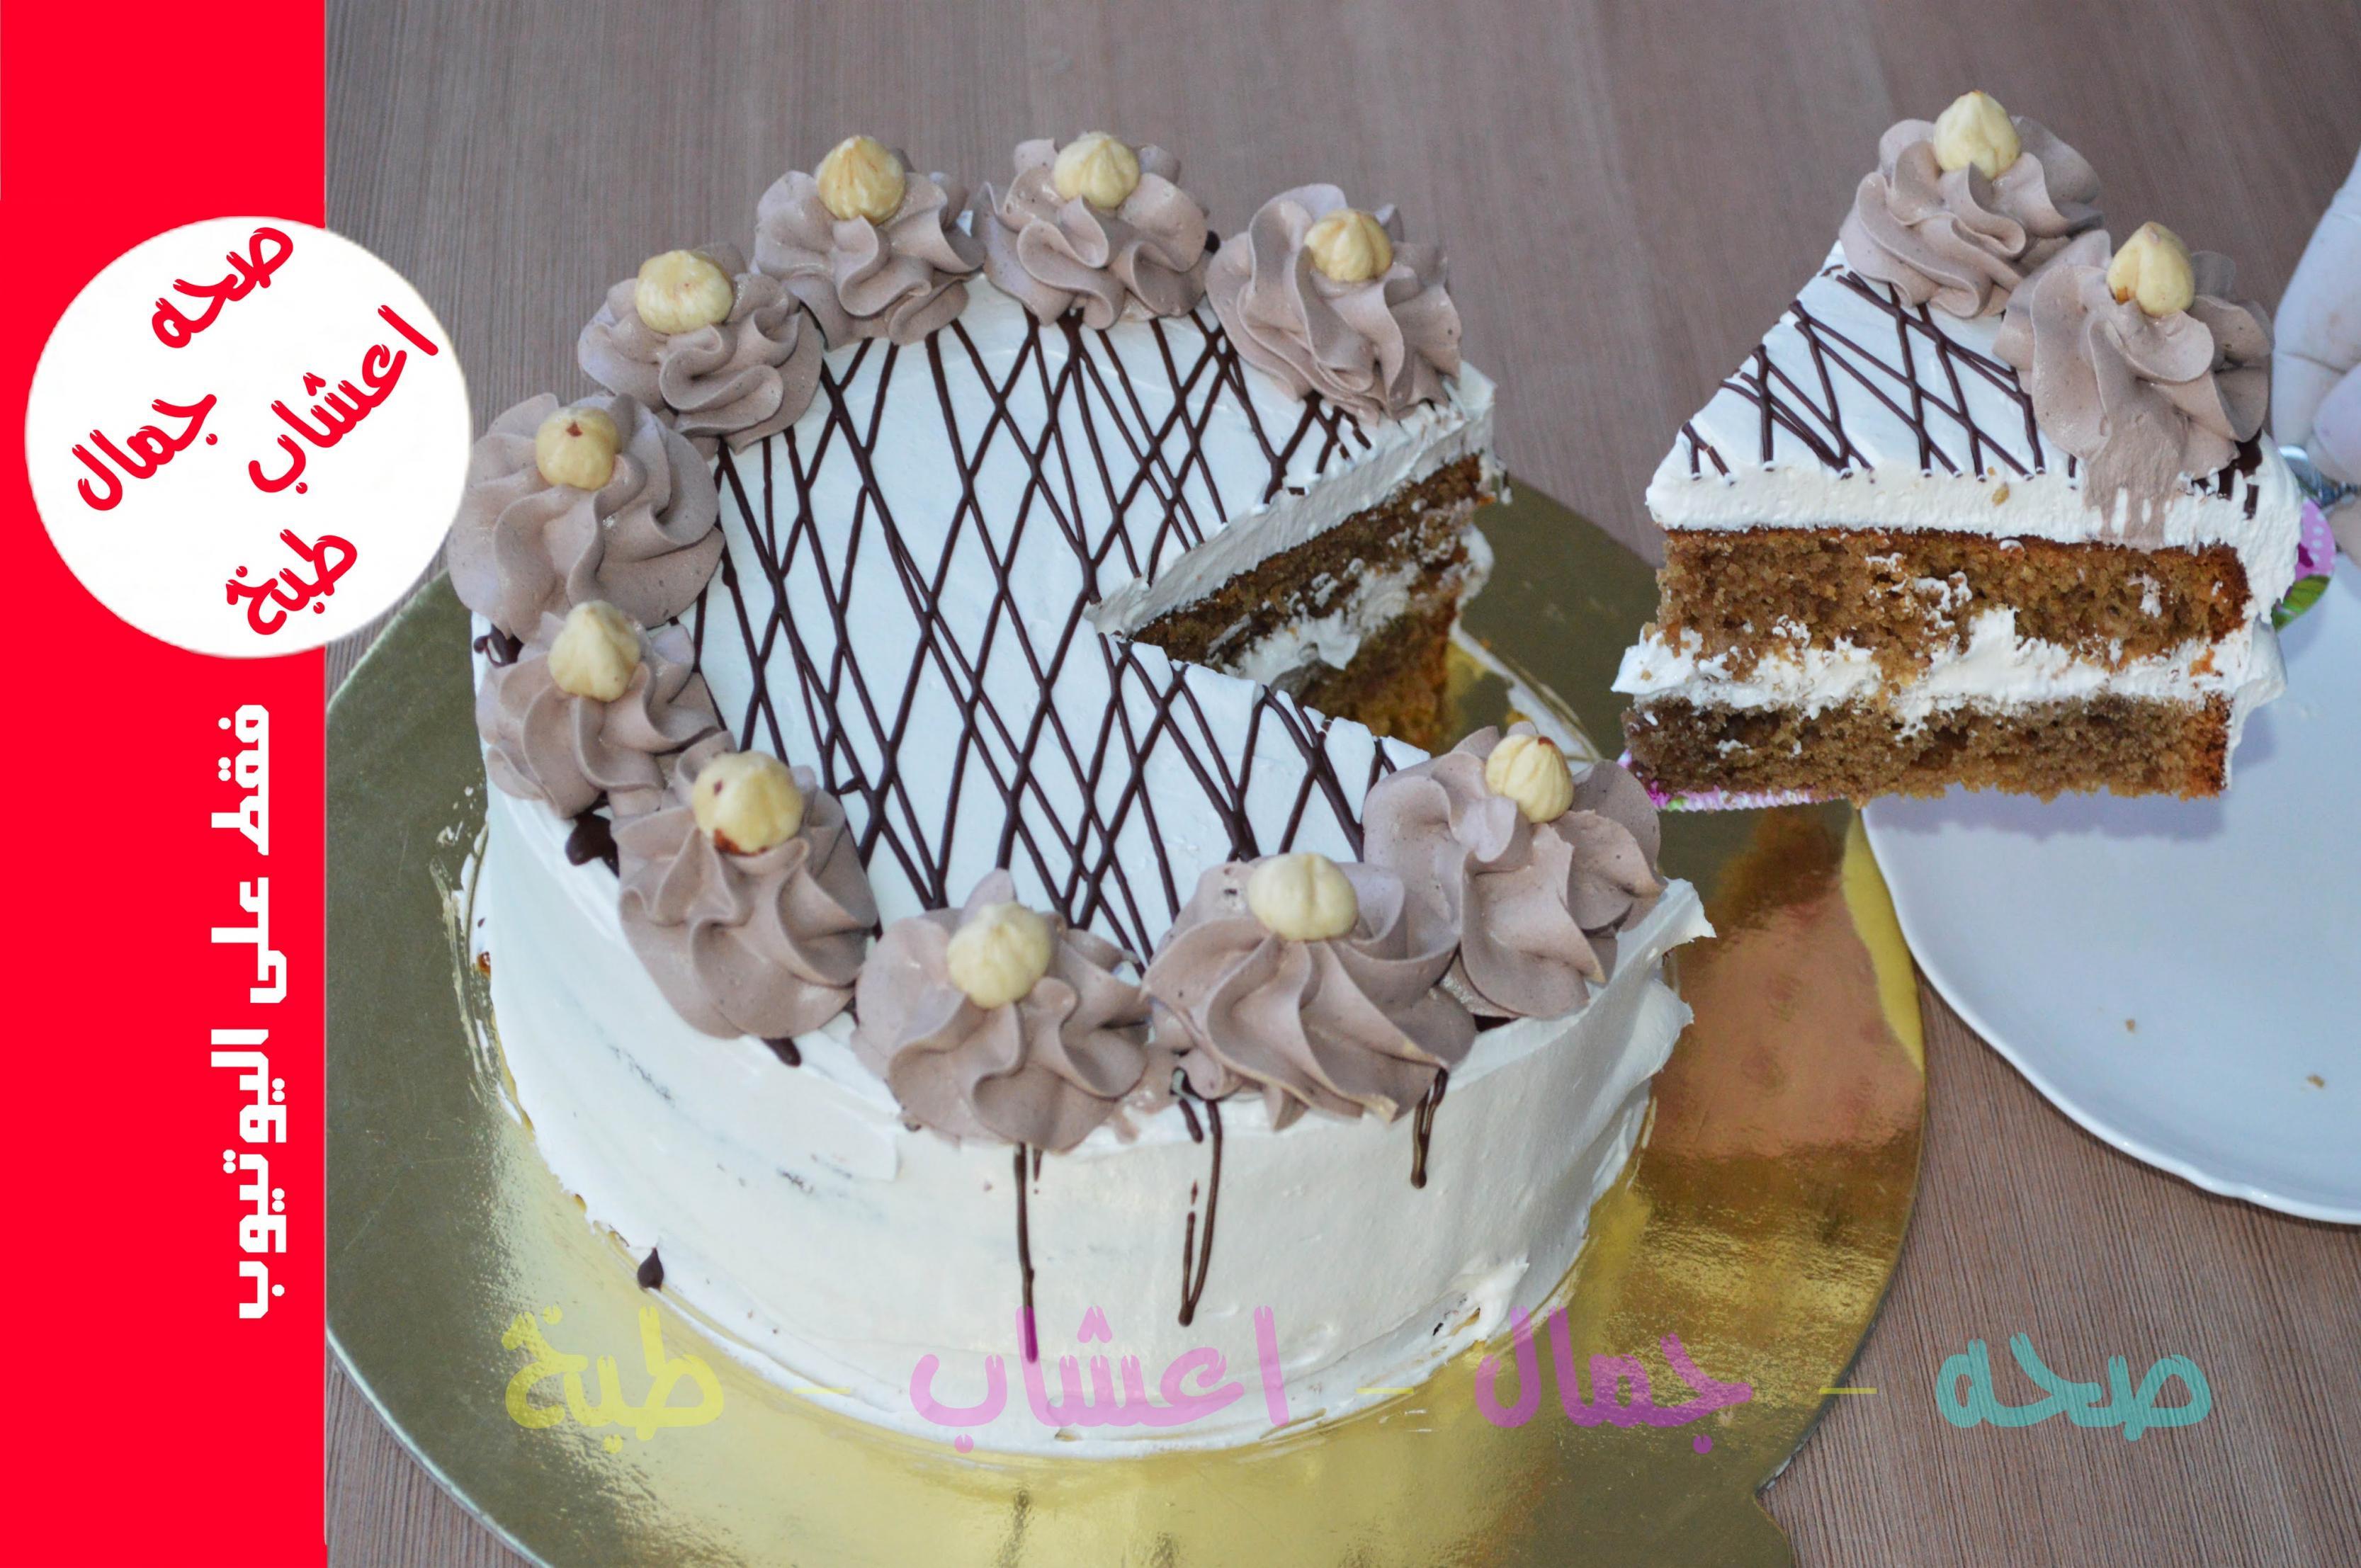 صورة طريقة تزيين الكيك , طريقة جميلة لتزين الكيكة